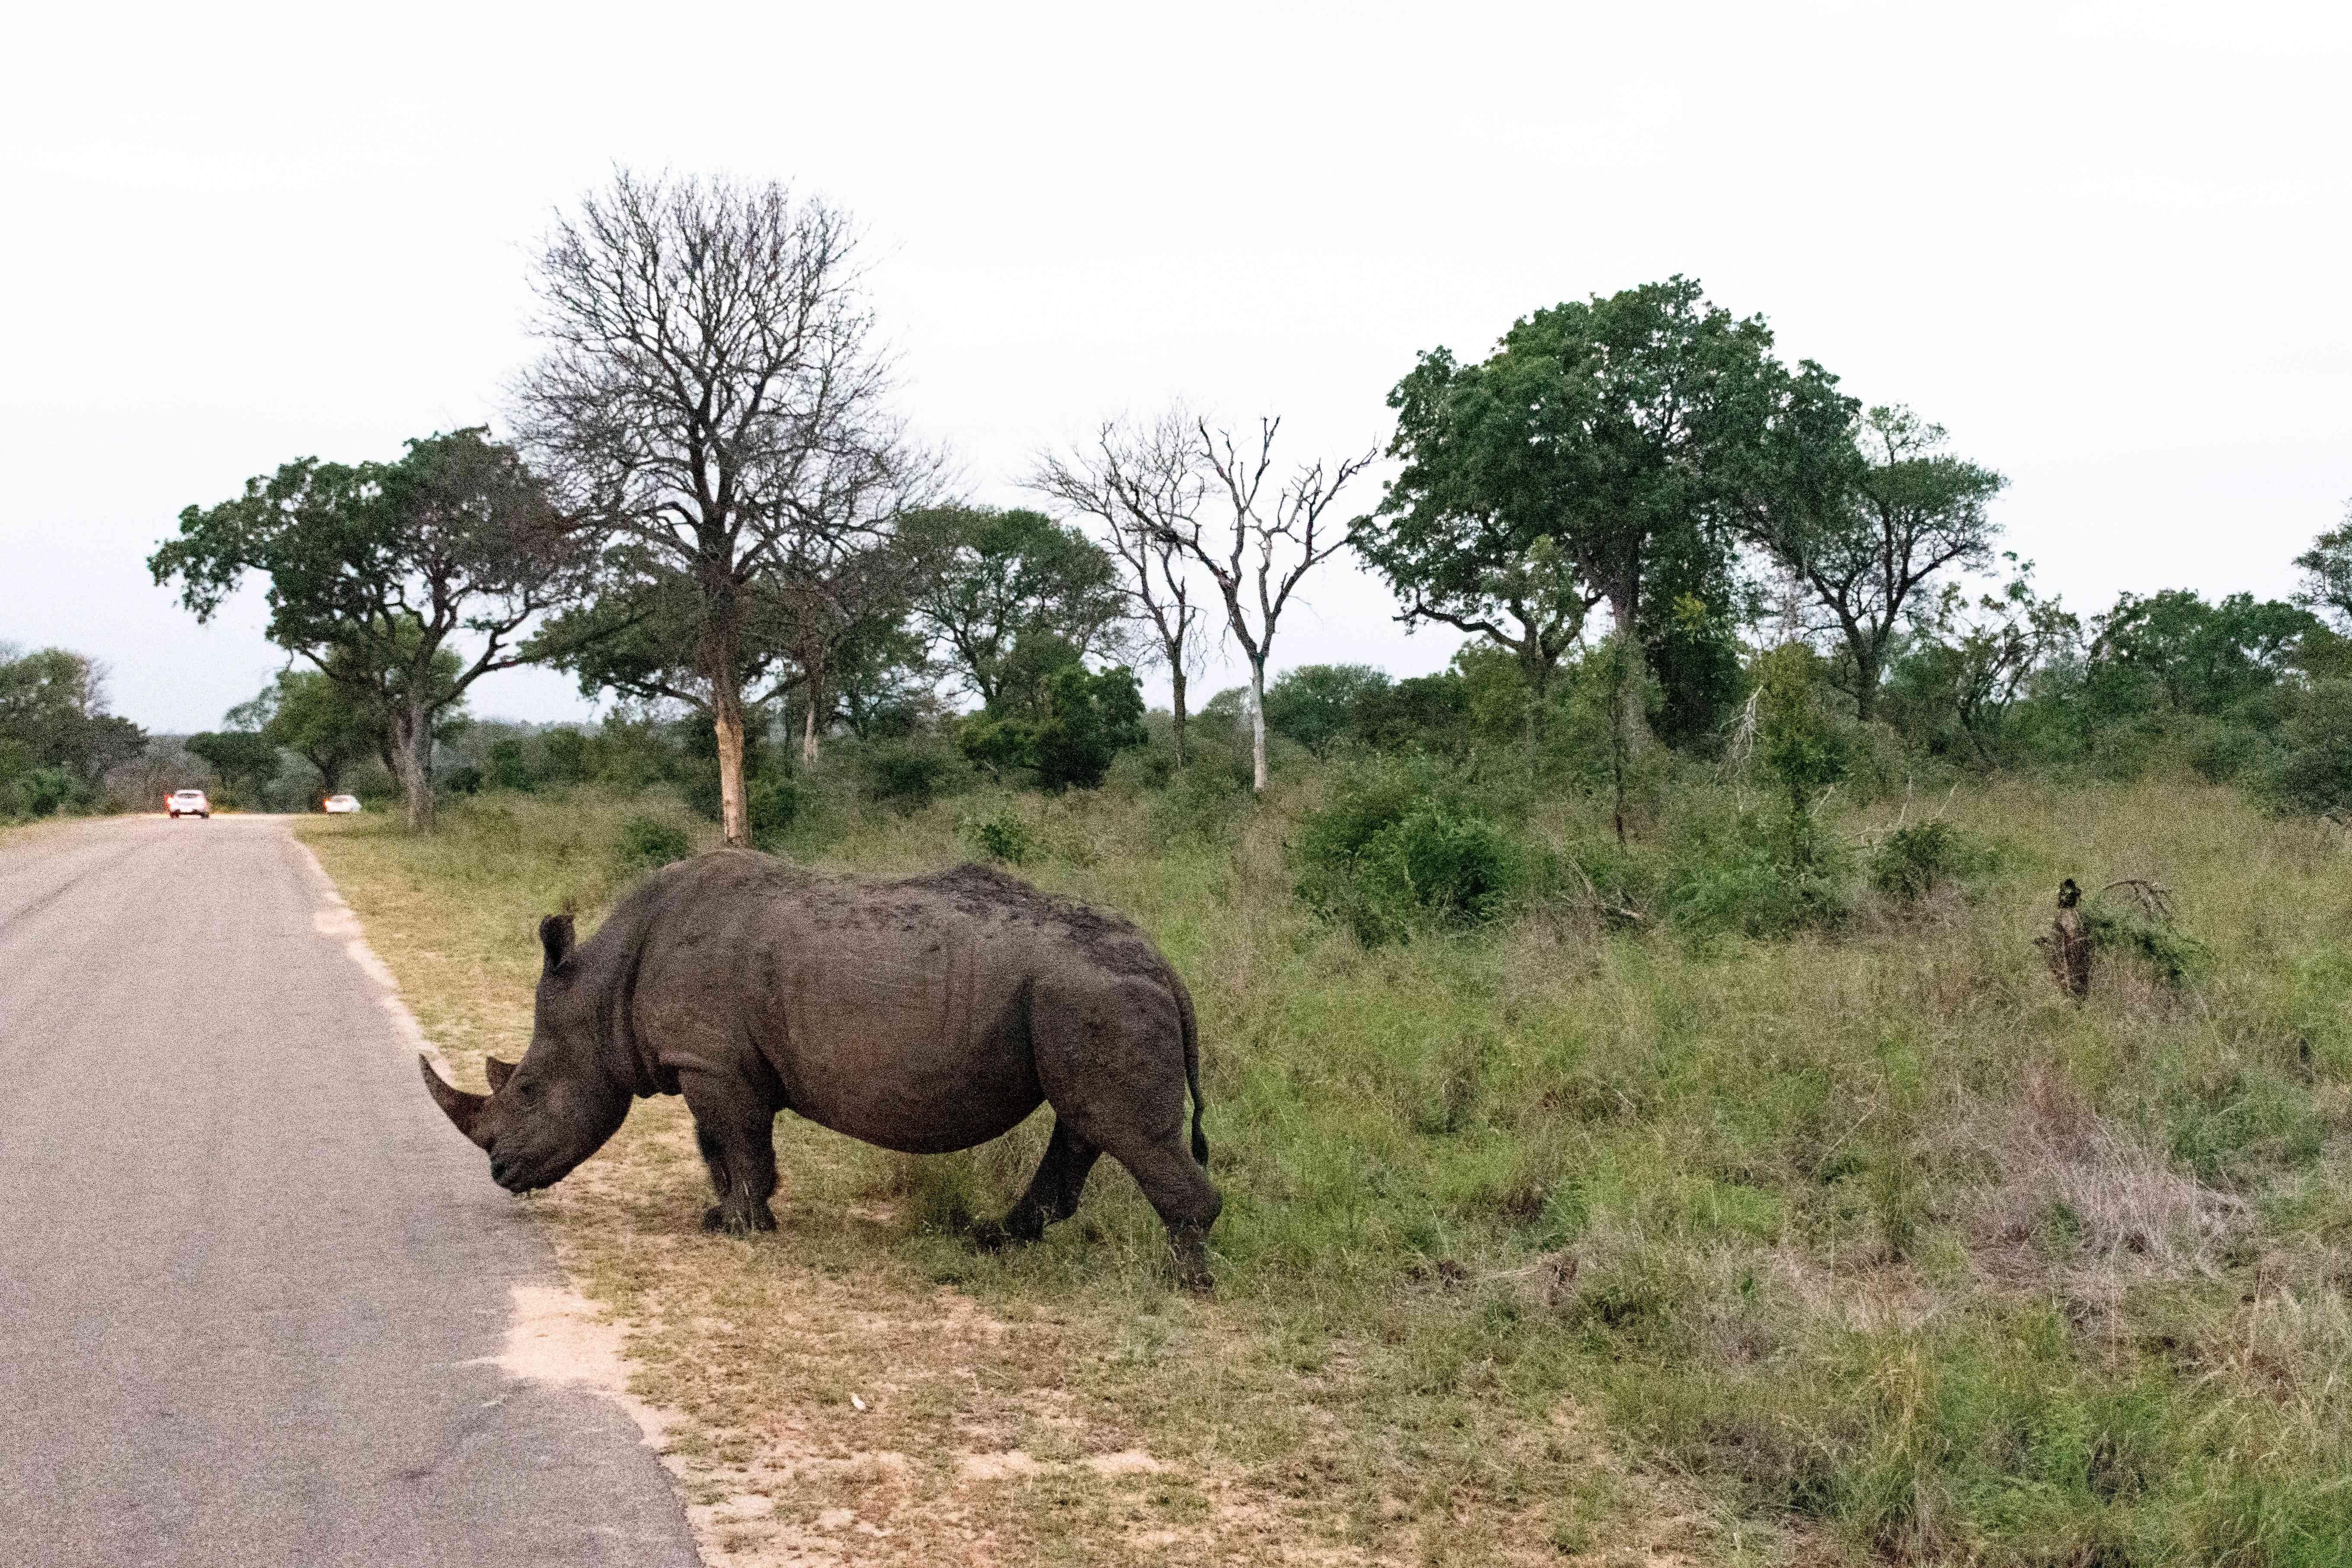 Un rinoceronte cruzando un sendero en el Parque Nacional Kruger